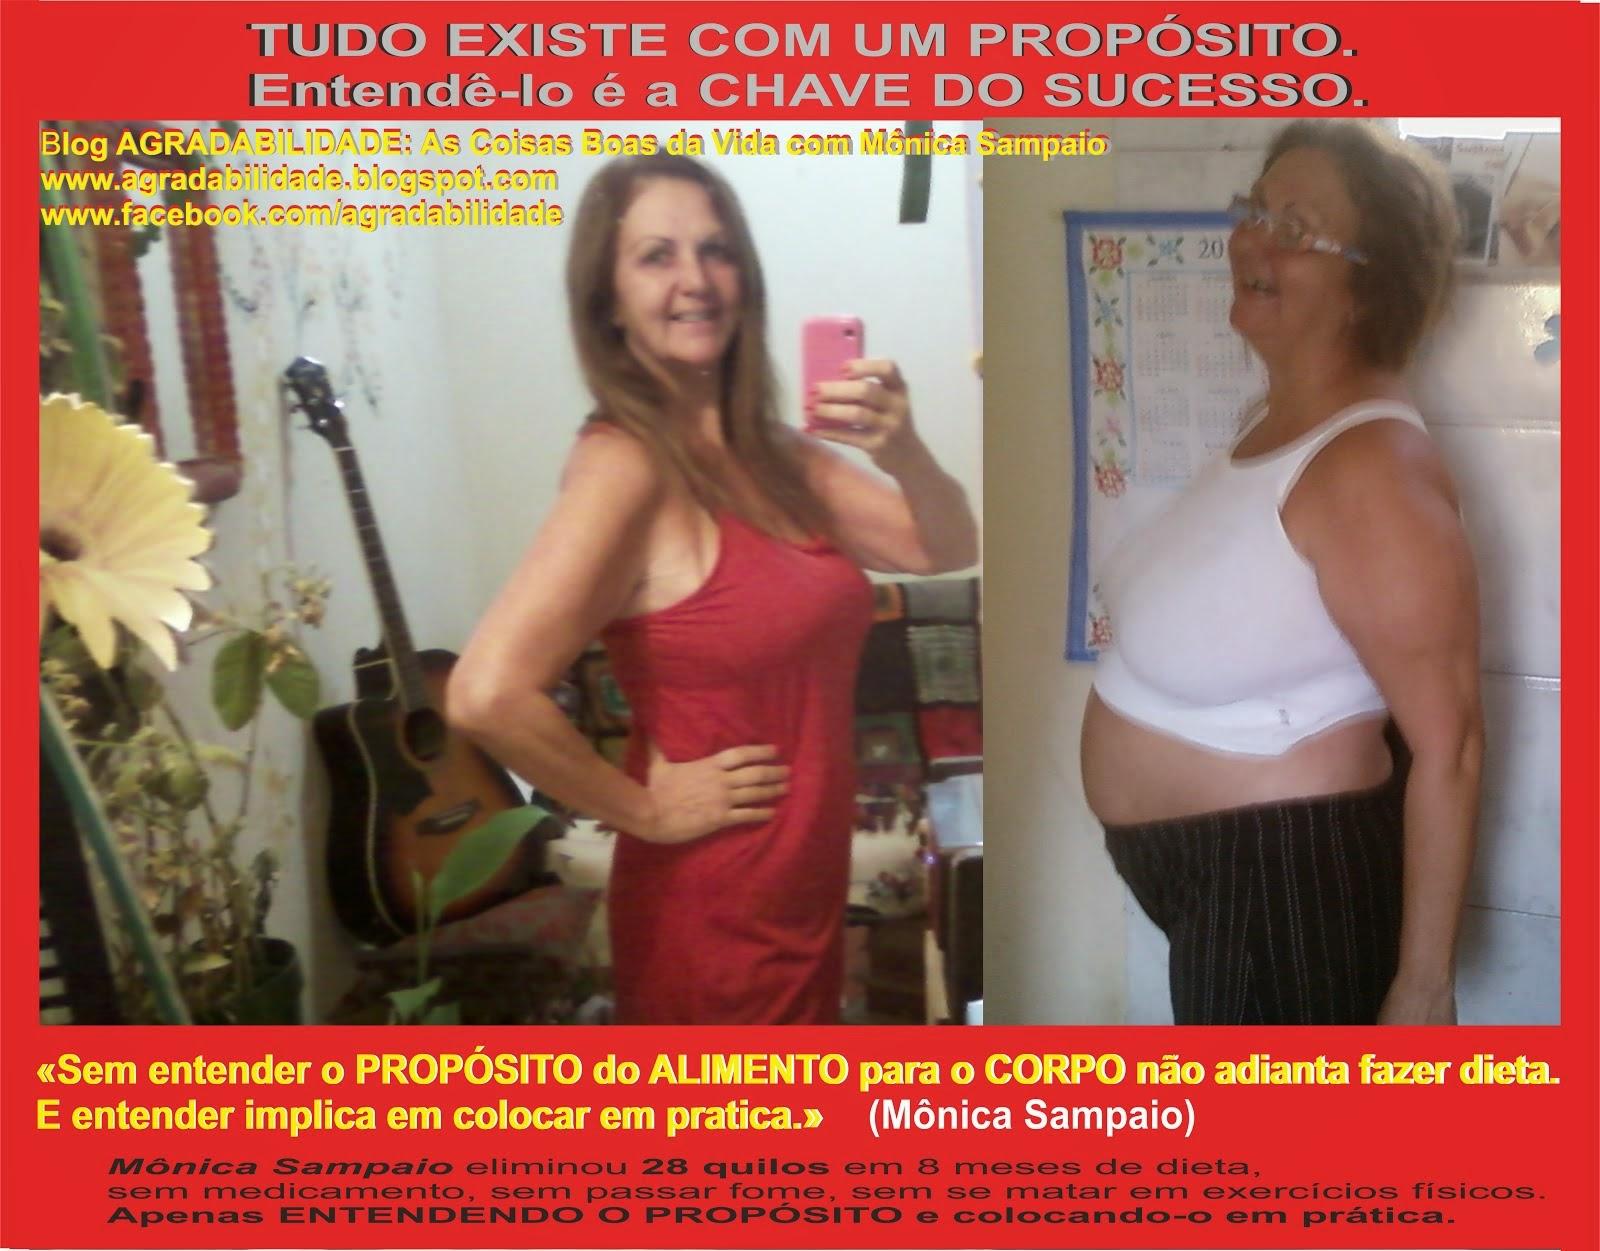 Projeto de SANTIFICAÇÃO DO CORPO com Mônica Sampaio - Outubro de 2014: MENOS 30 QUILOS!